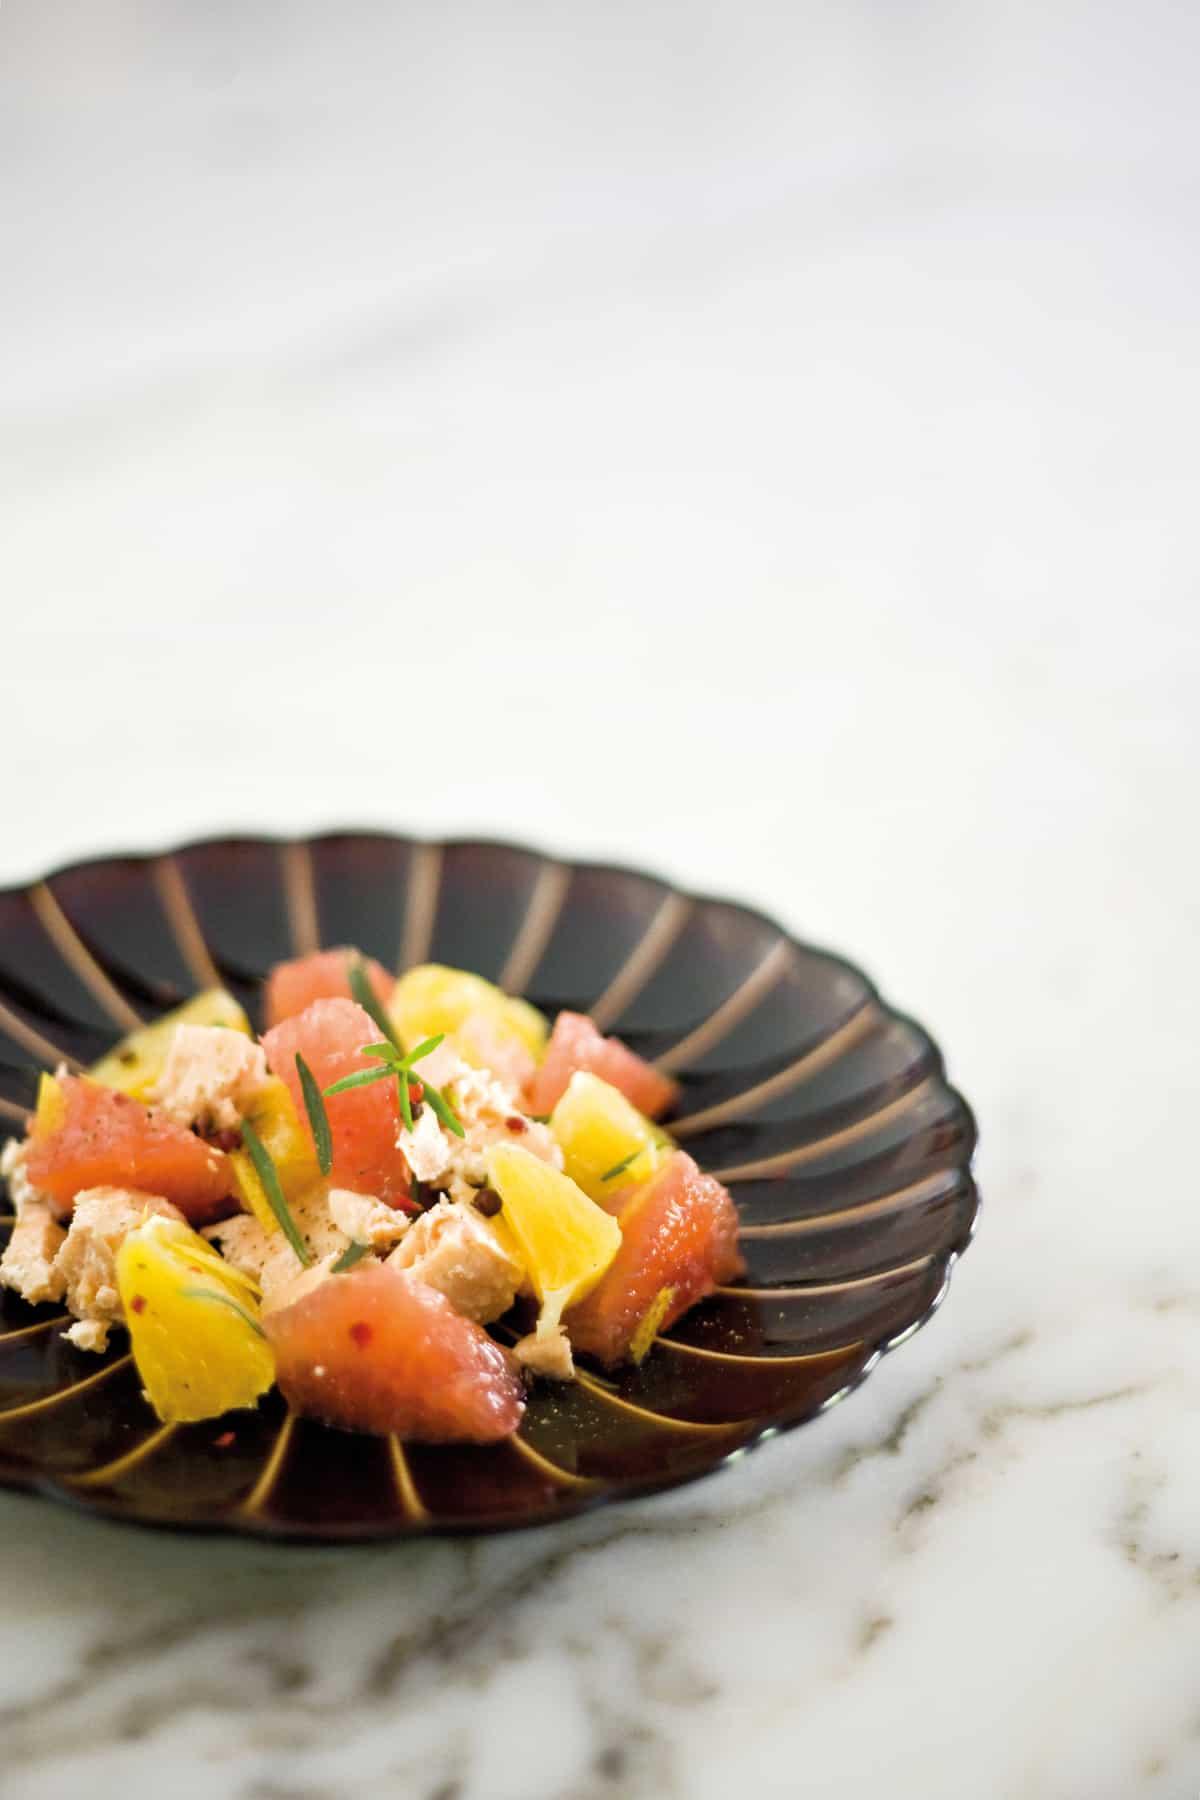 Recettes 5 Minutes Chrono : Salade de saumon